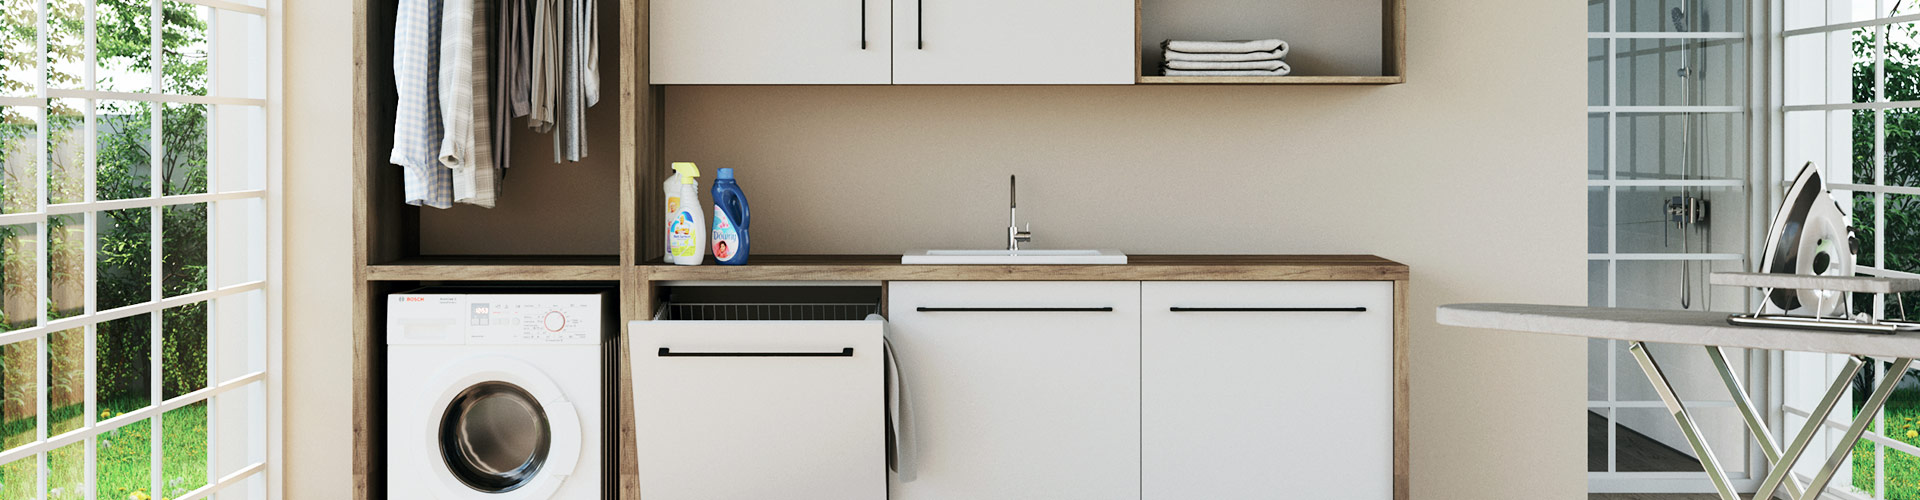 Soluzioni per bagno e lavanderia correggio modena - Bagno e lavanderia ...